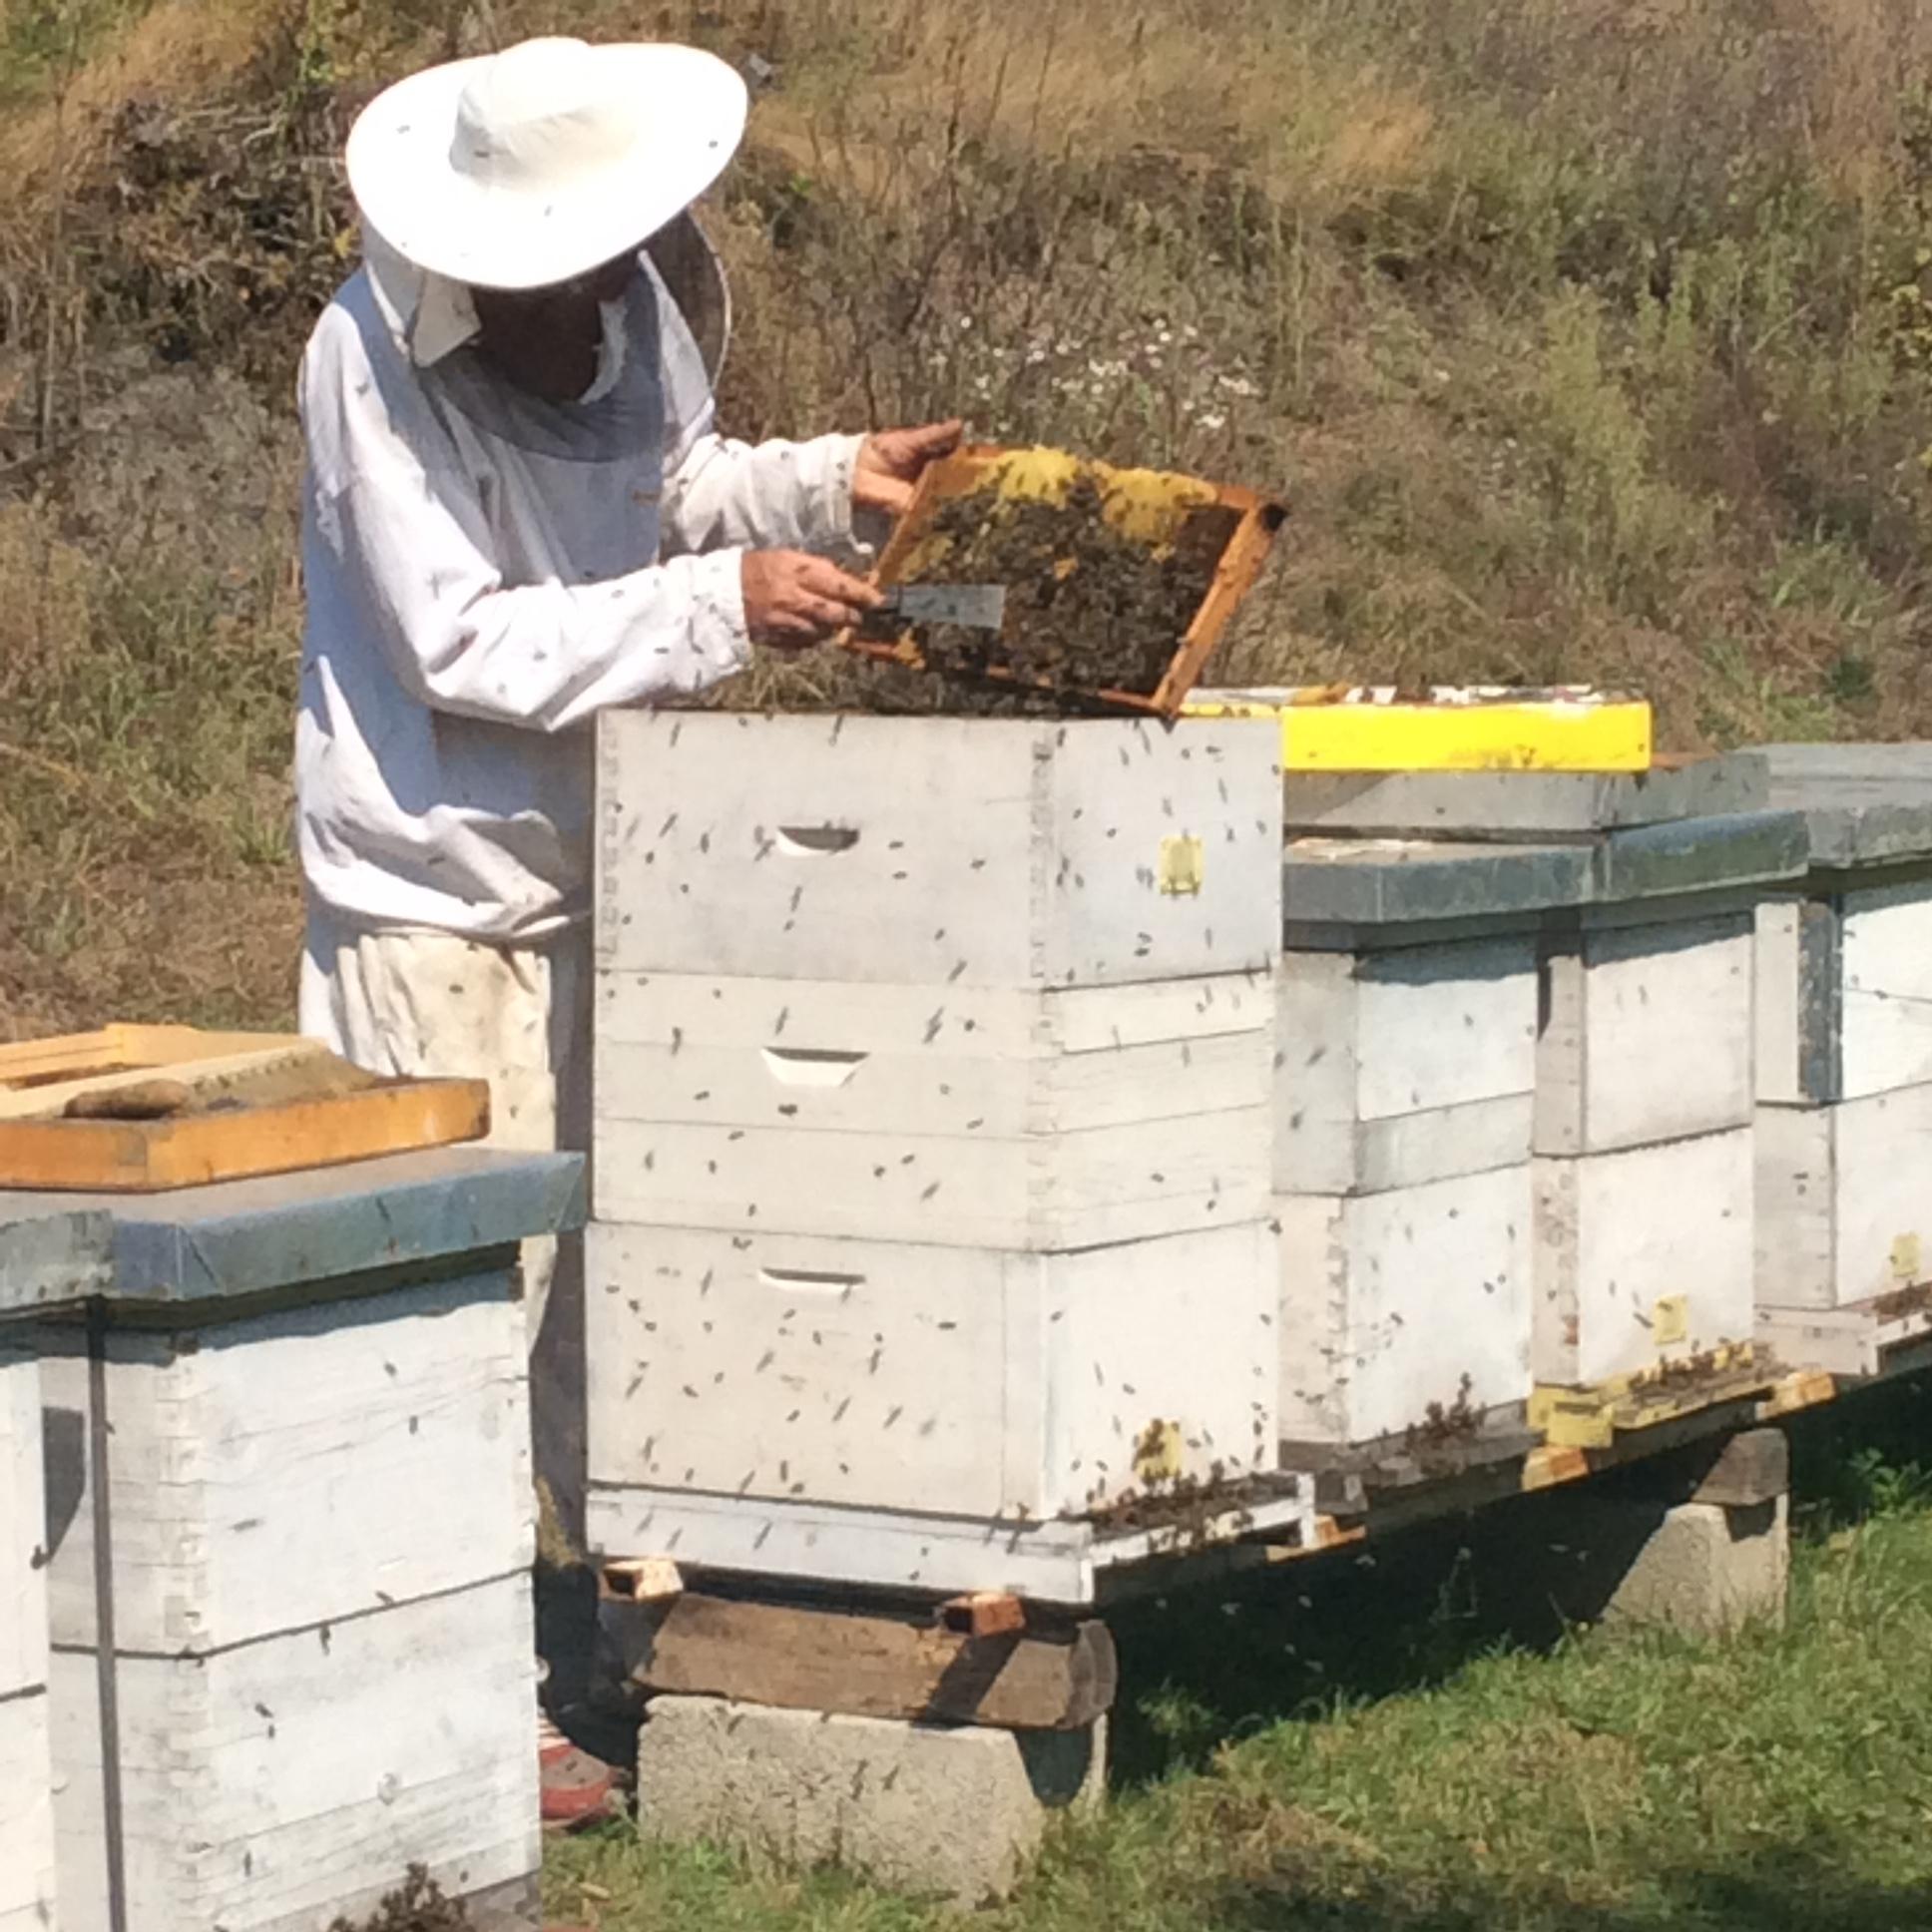 Nabavka novih pčelinjih društava i opreme za pčelarstvo podstiče se u opštini Nova Varoš koja je poznata po proizvodnji kvalitetnog meda  Foto--URP